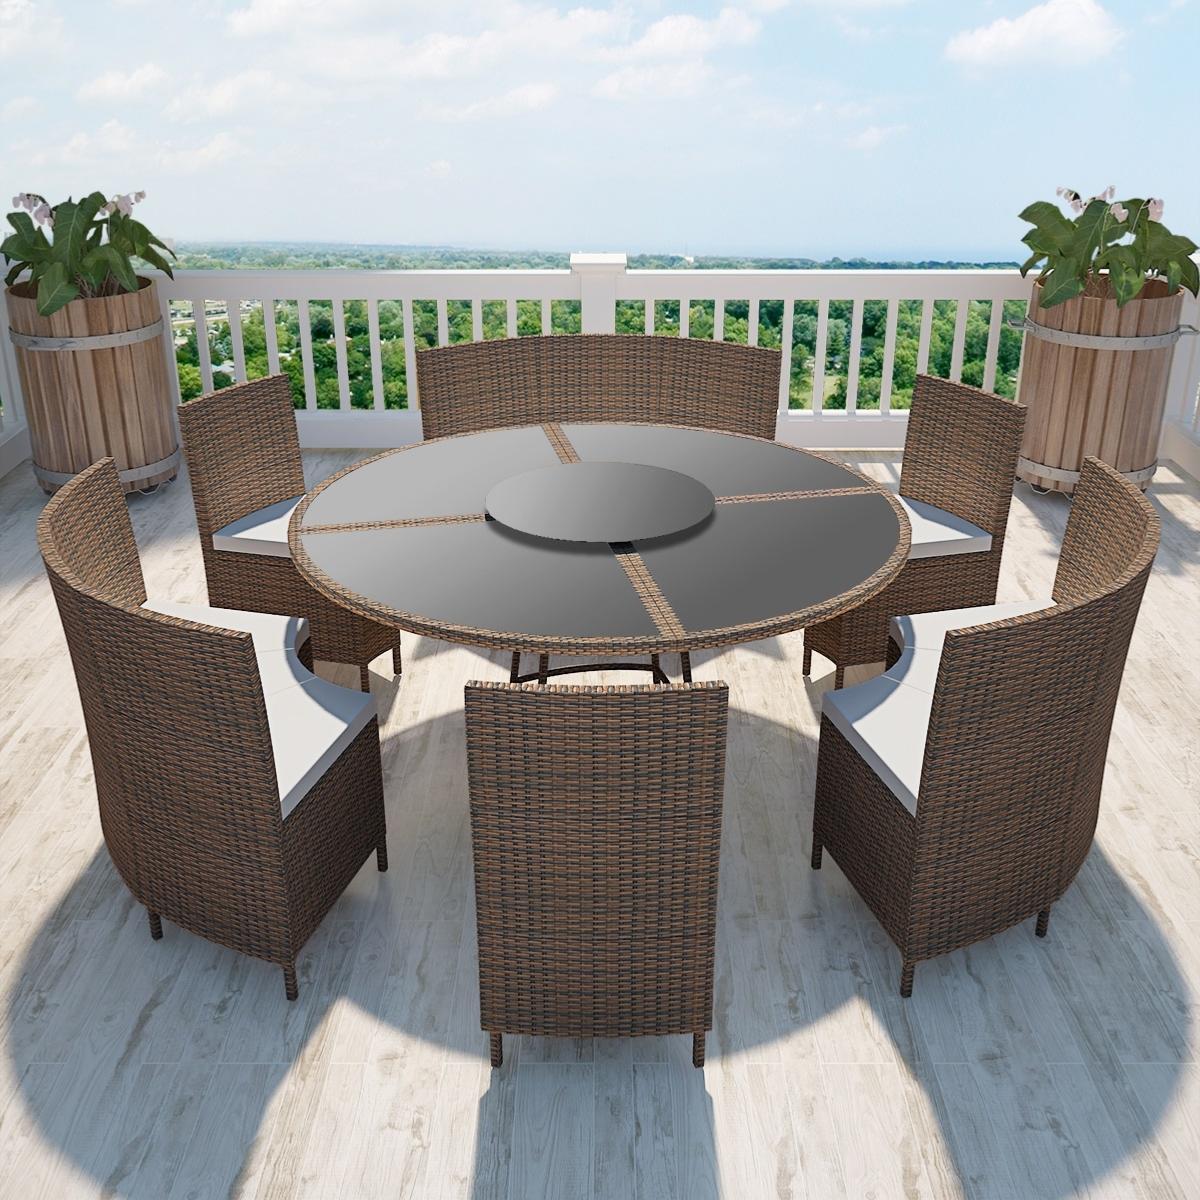 salon de jardin table ronde resine tressee  find gallery